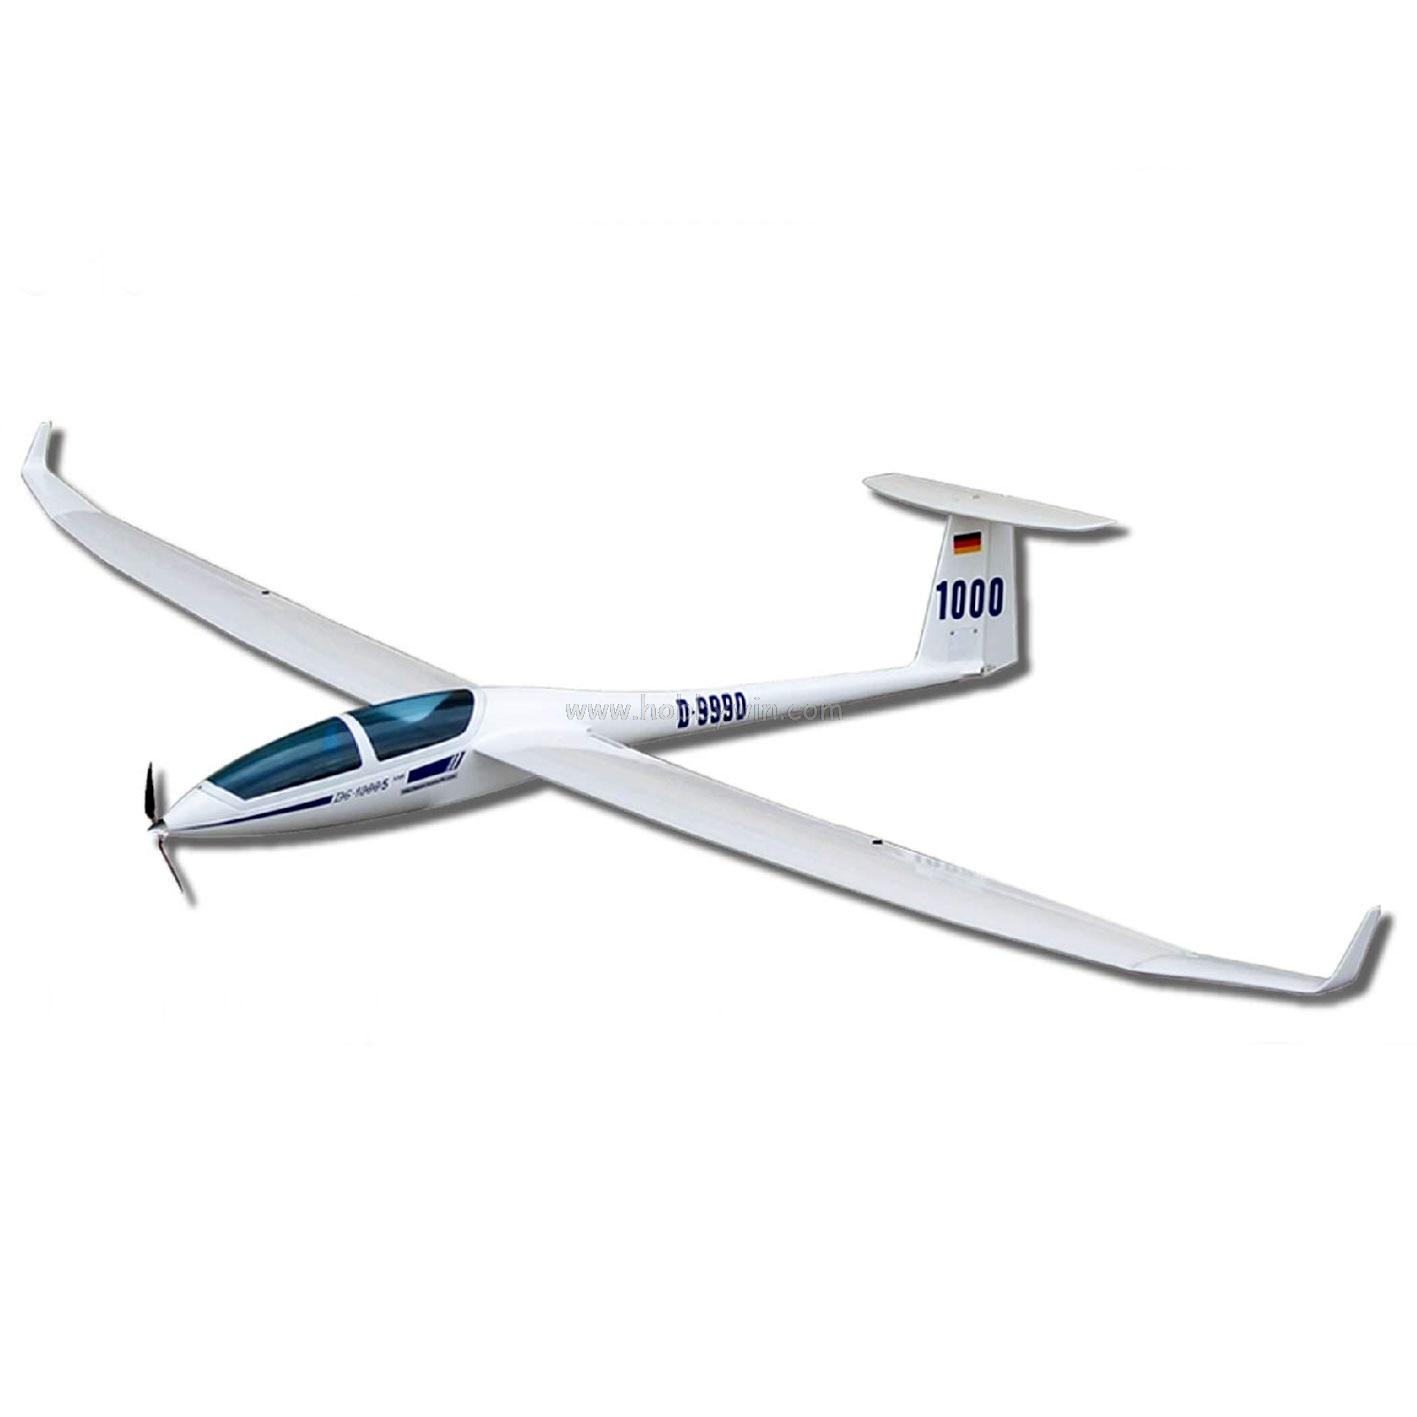 Planeur électrique DG 1000 2630mm KIT non assemblé fuselage en fibre de verre et ailes en bois modèle voilier RC-in Avions télécommandés from Jeux et loisirs    1